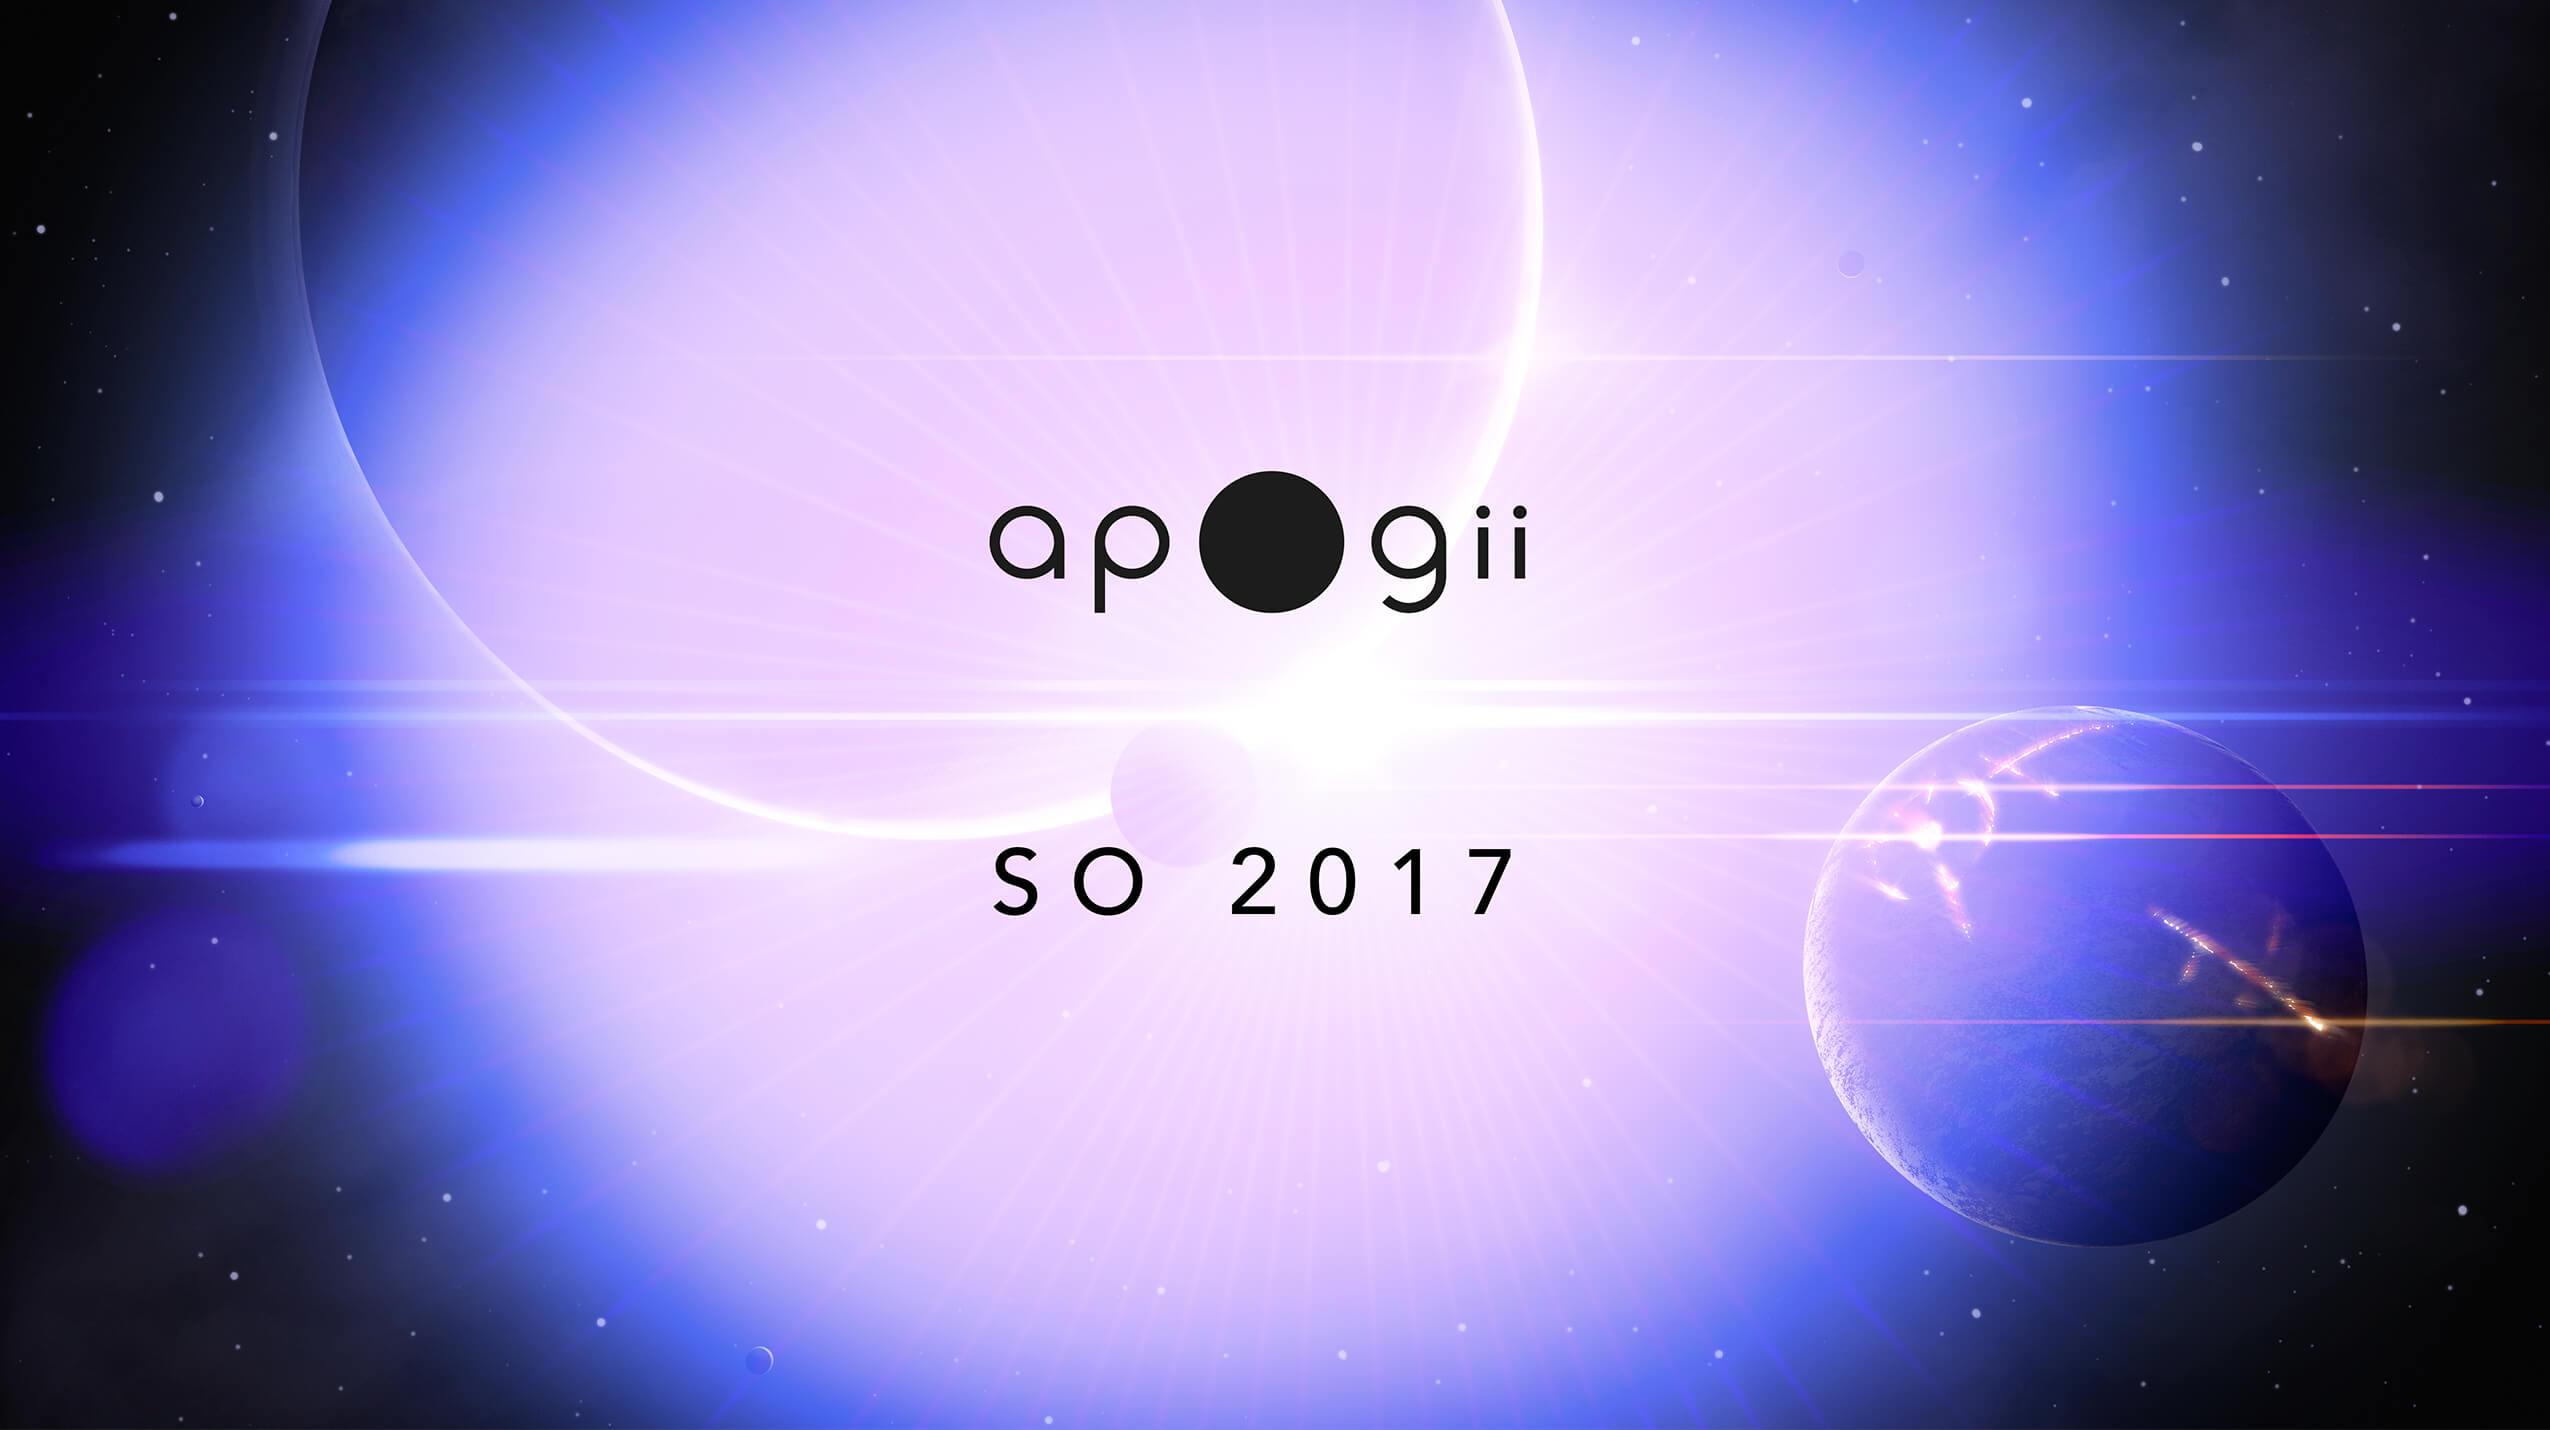 so 2017 visual main image